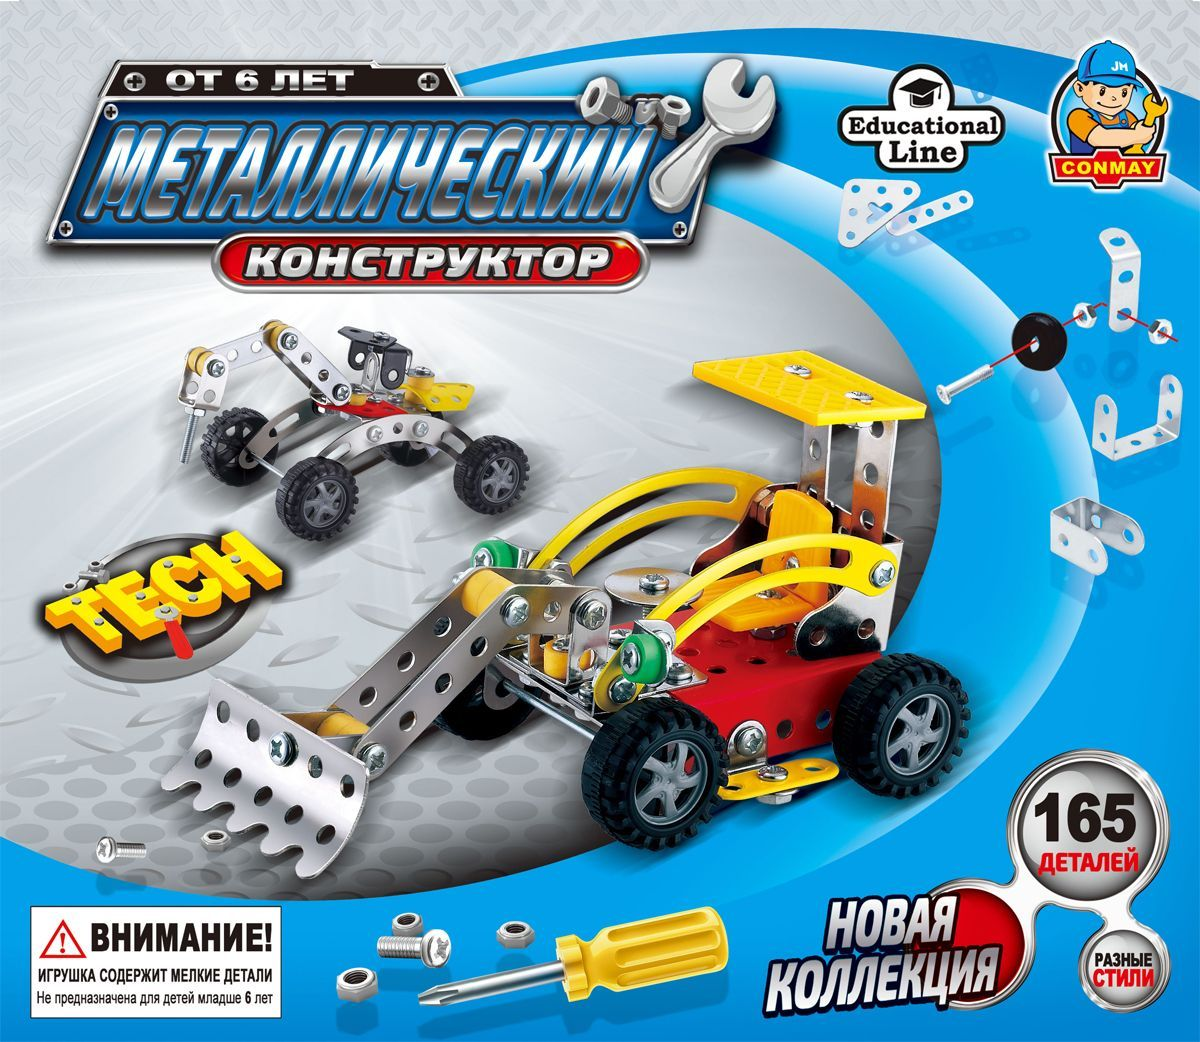 Склад уникальных товаров Конструктор S3 Трактор L